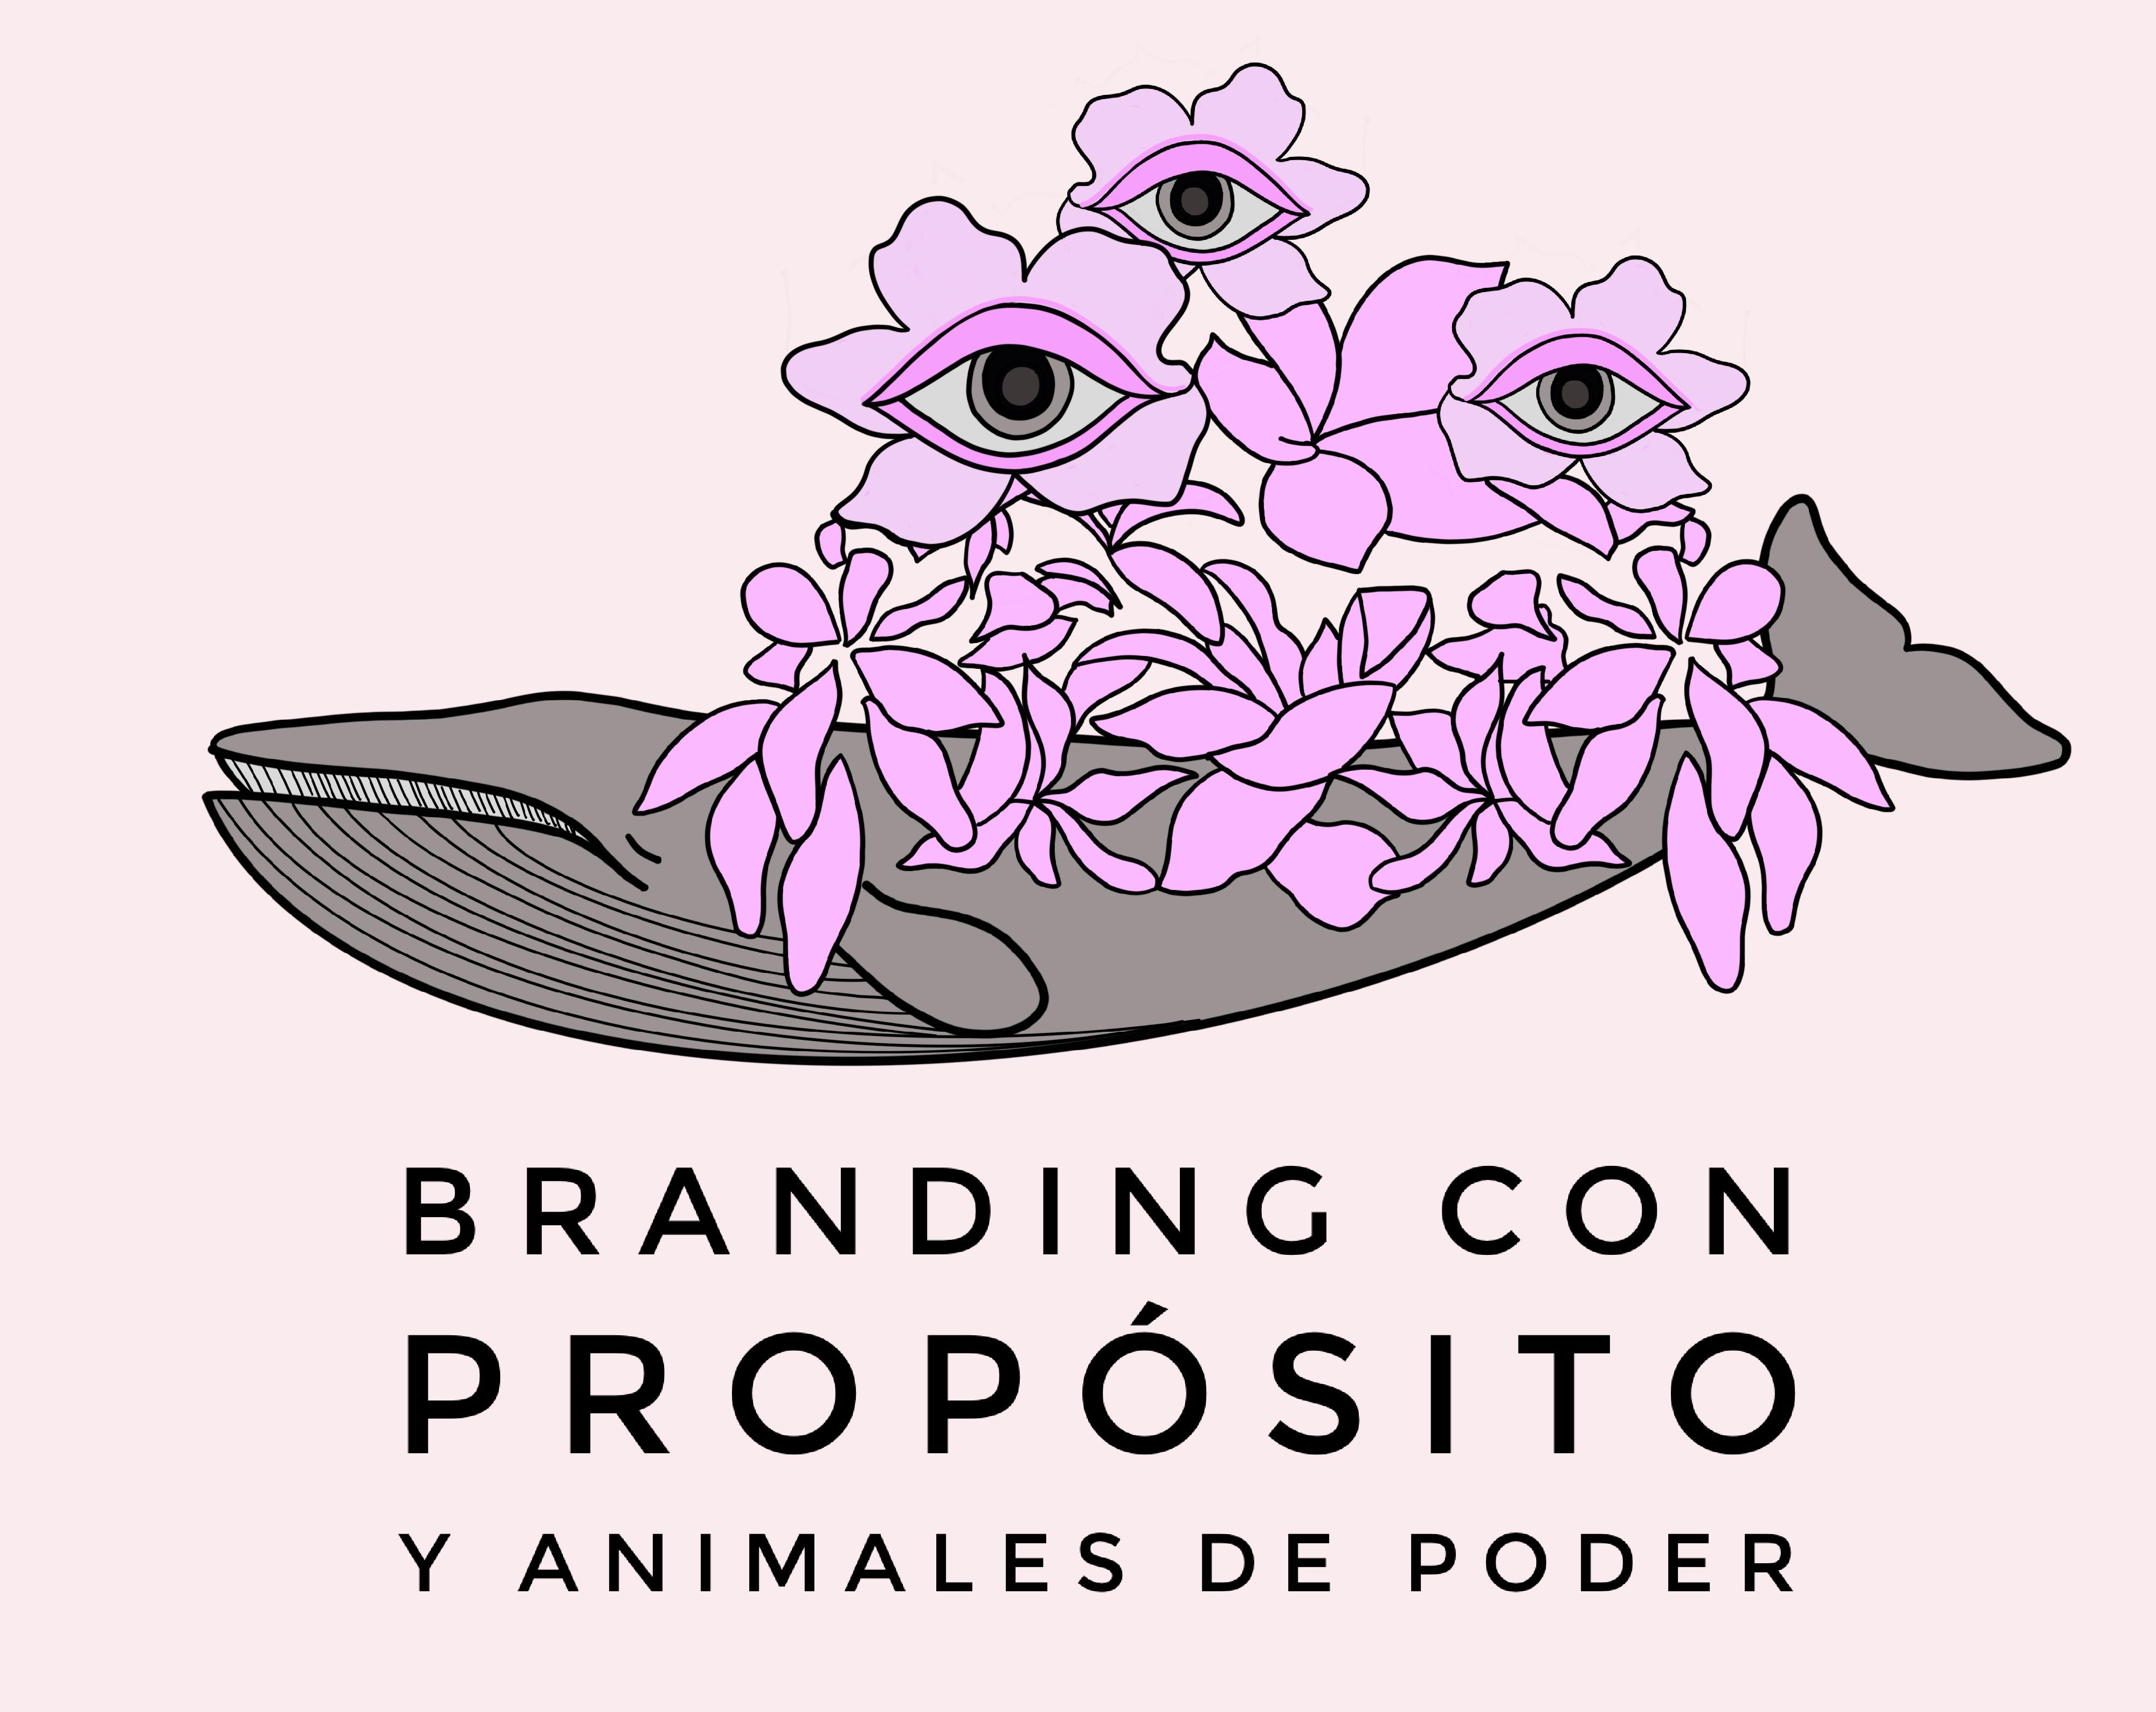 Branding con propósito y animales de poder